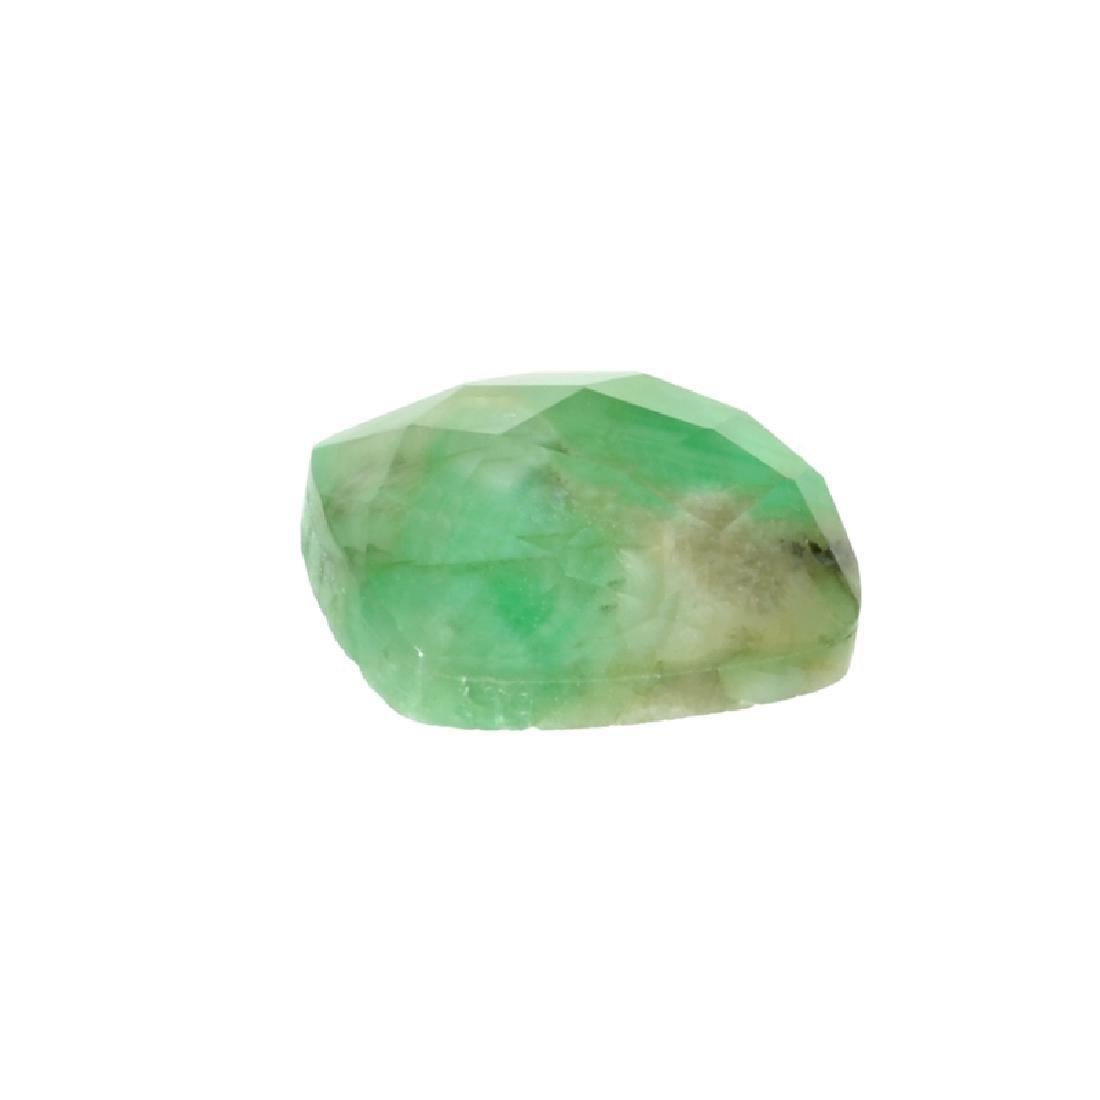 APP: 0.6k 5.53CT Cushion Cut Green Beryl Emerald